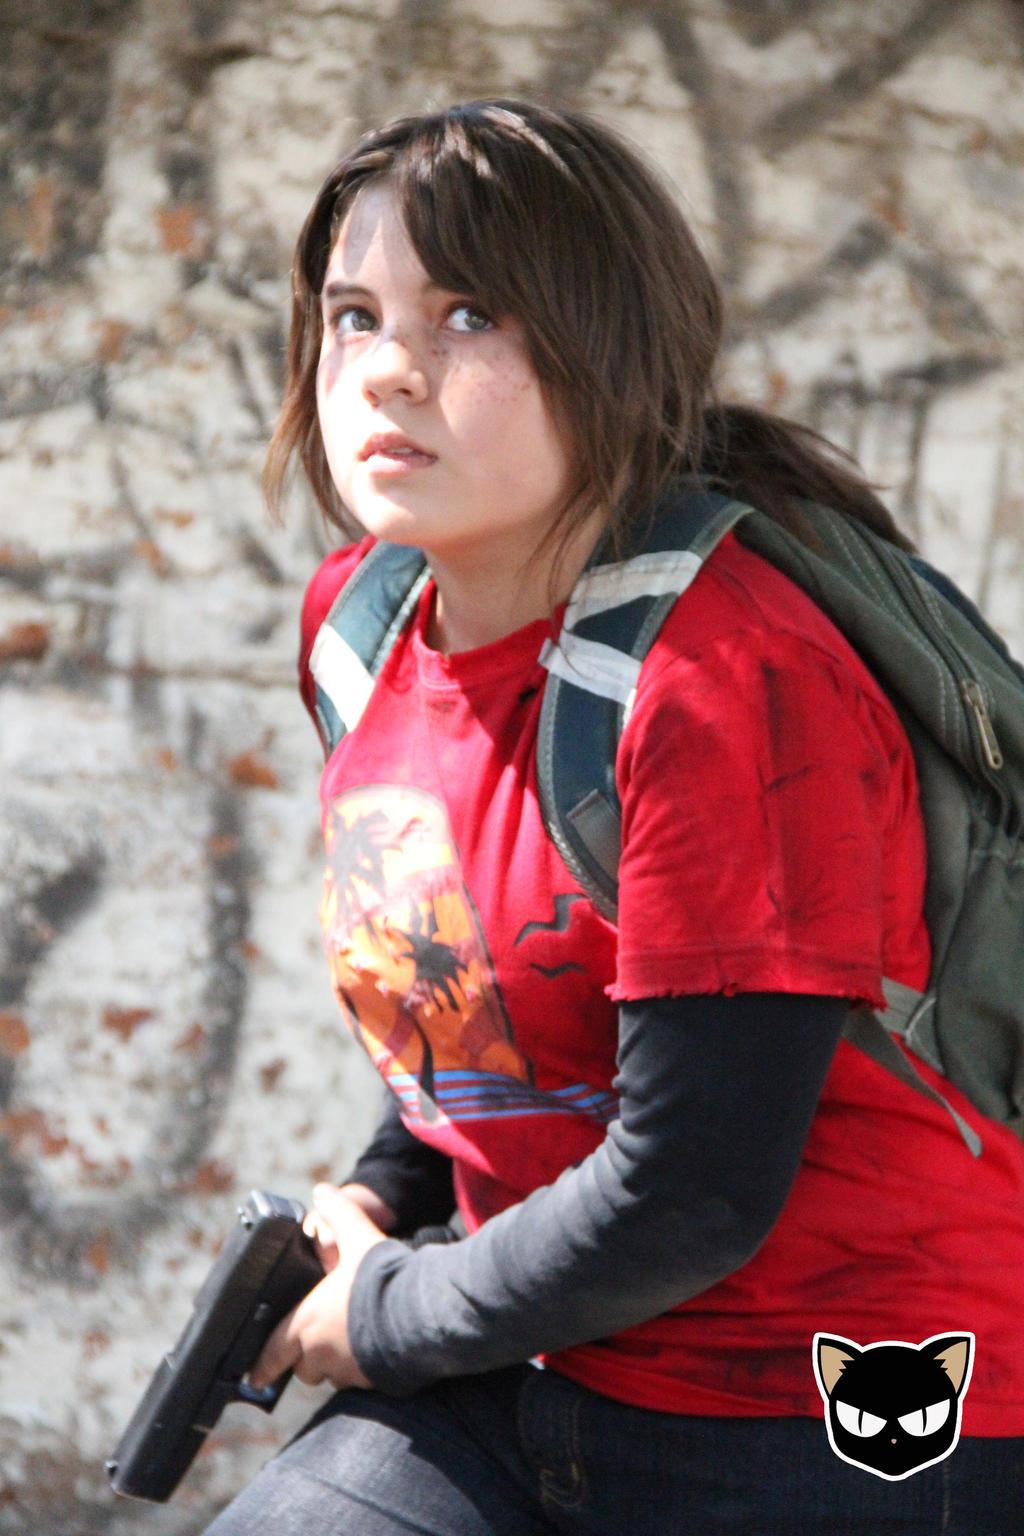 Ellie the last of us cosplay